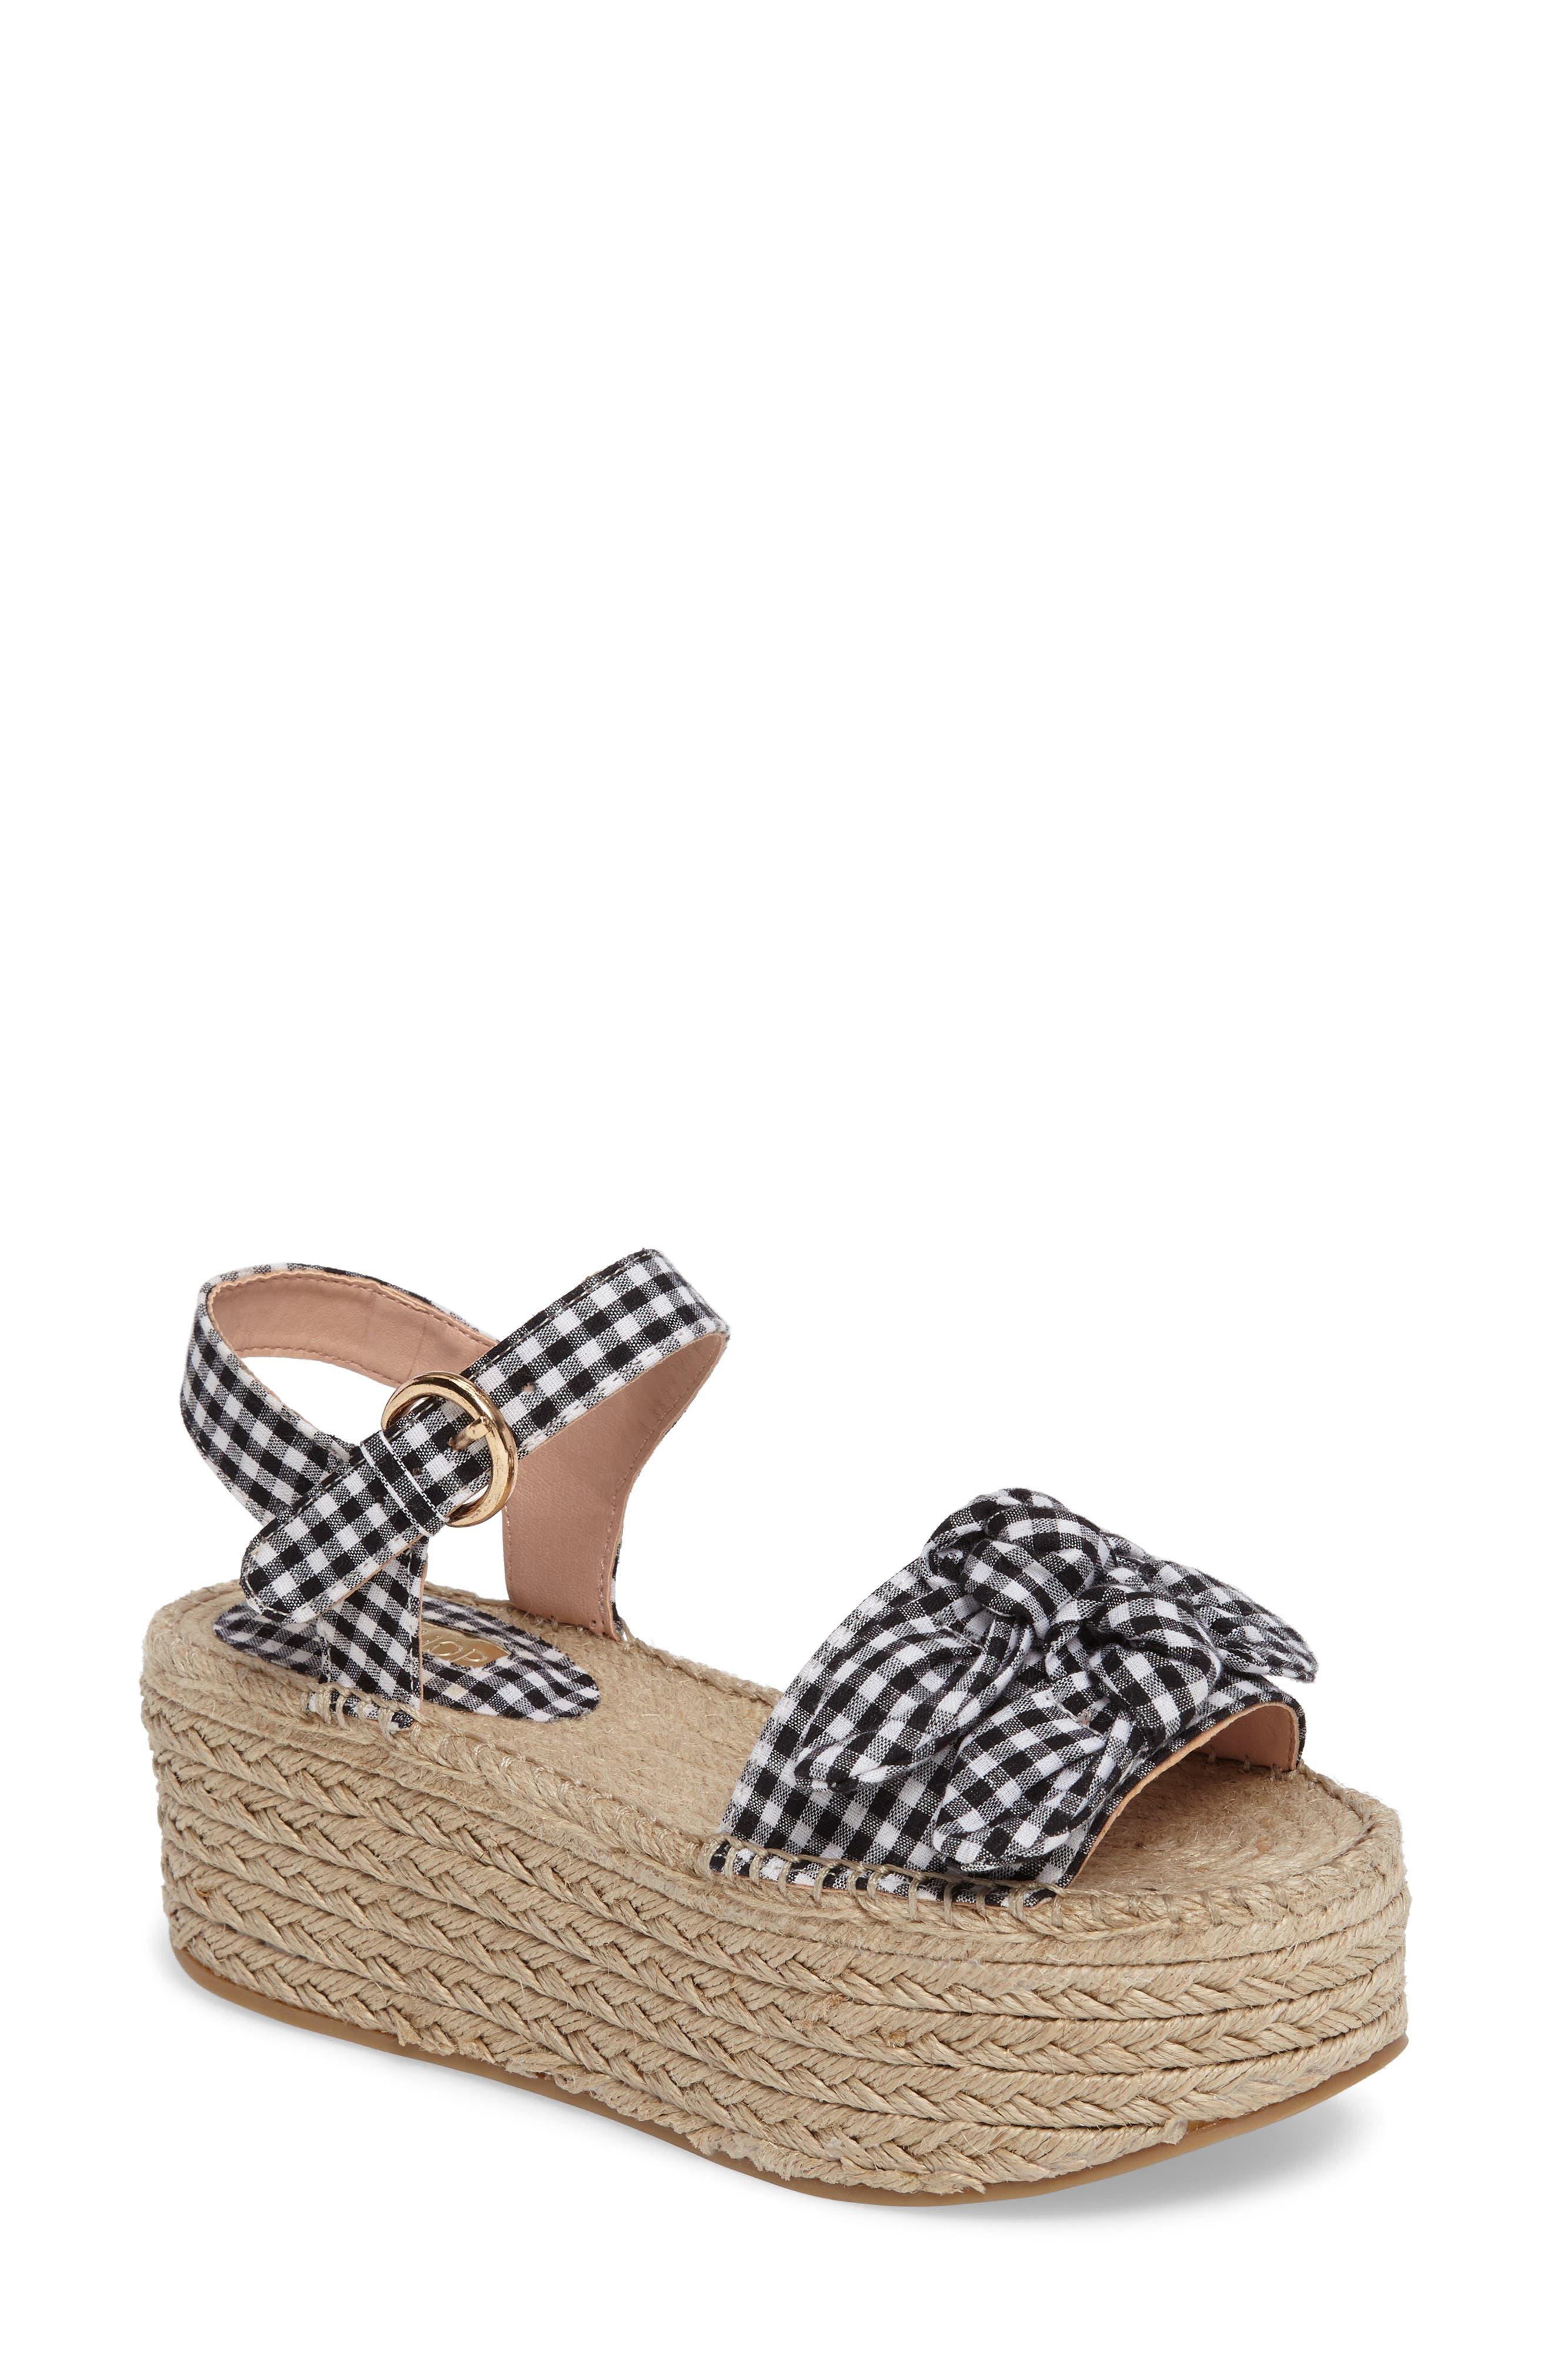 Main Image - Topshop Wendy Gingham Platform Sandal (Women)